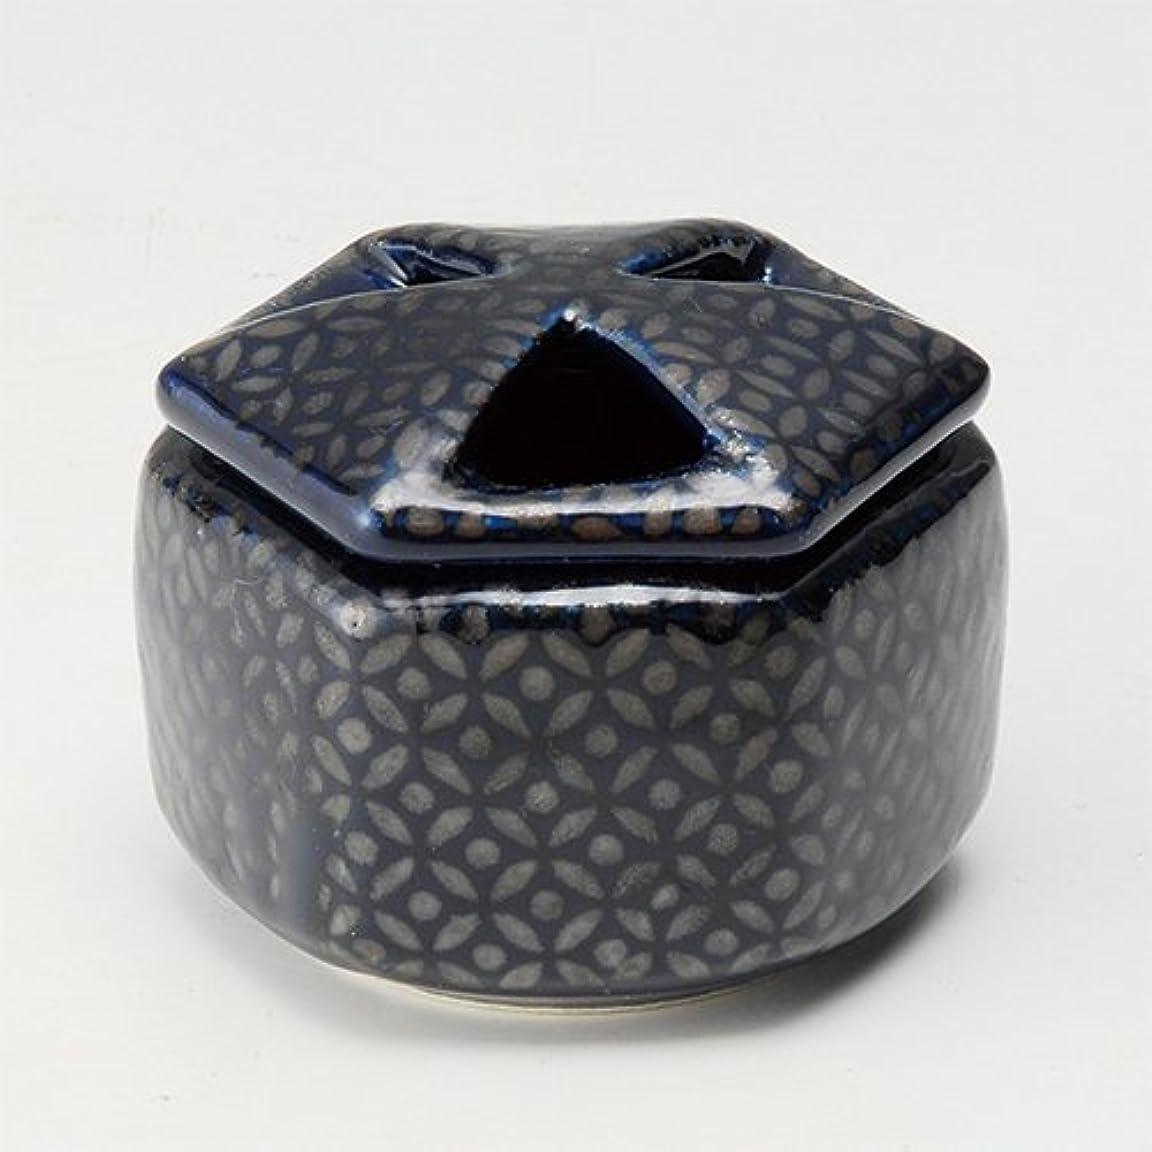 恨み起業家定期的香炉 瑠璃七宝 六角香炉 [R8.8xH6.5cm] プレゼント ギフト 和食器 かわいい インテリア